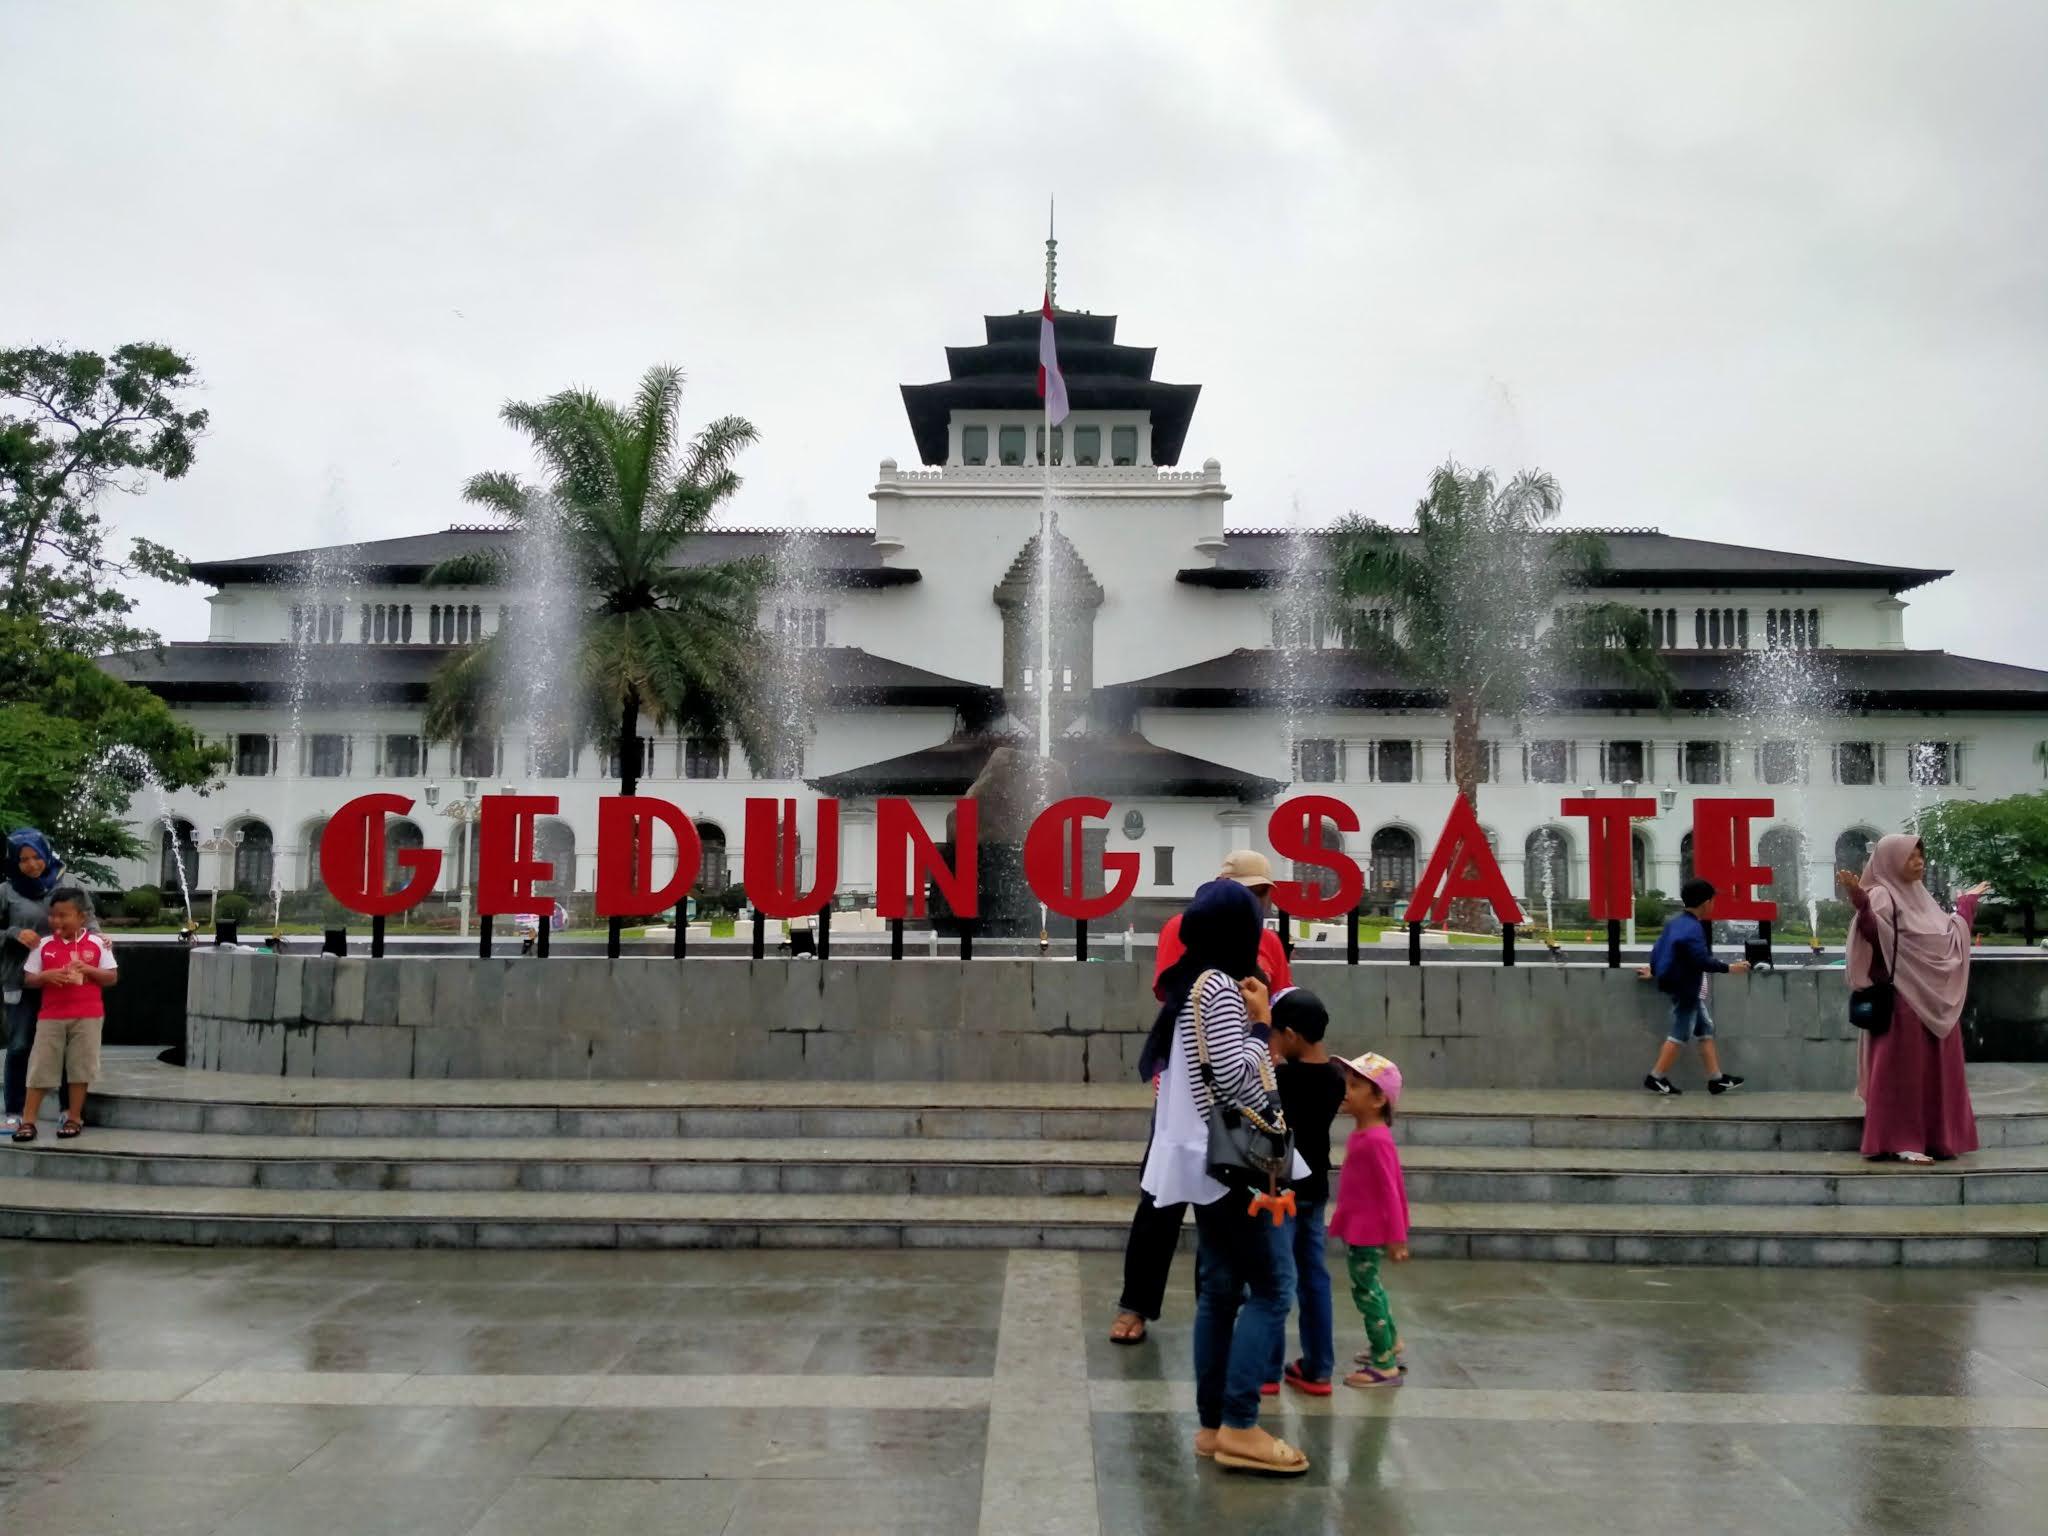 4 Gedung Sejarah di Bandung Yang Jadi Tempat Wisata